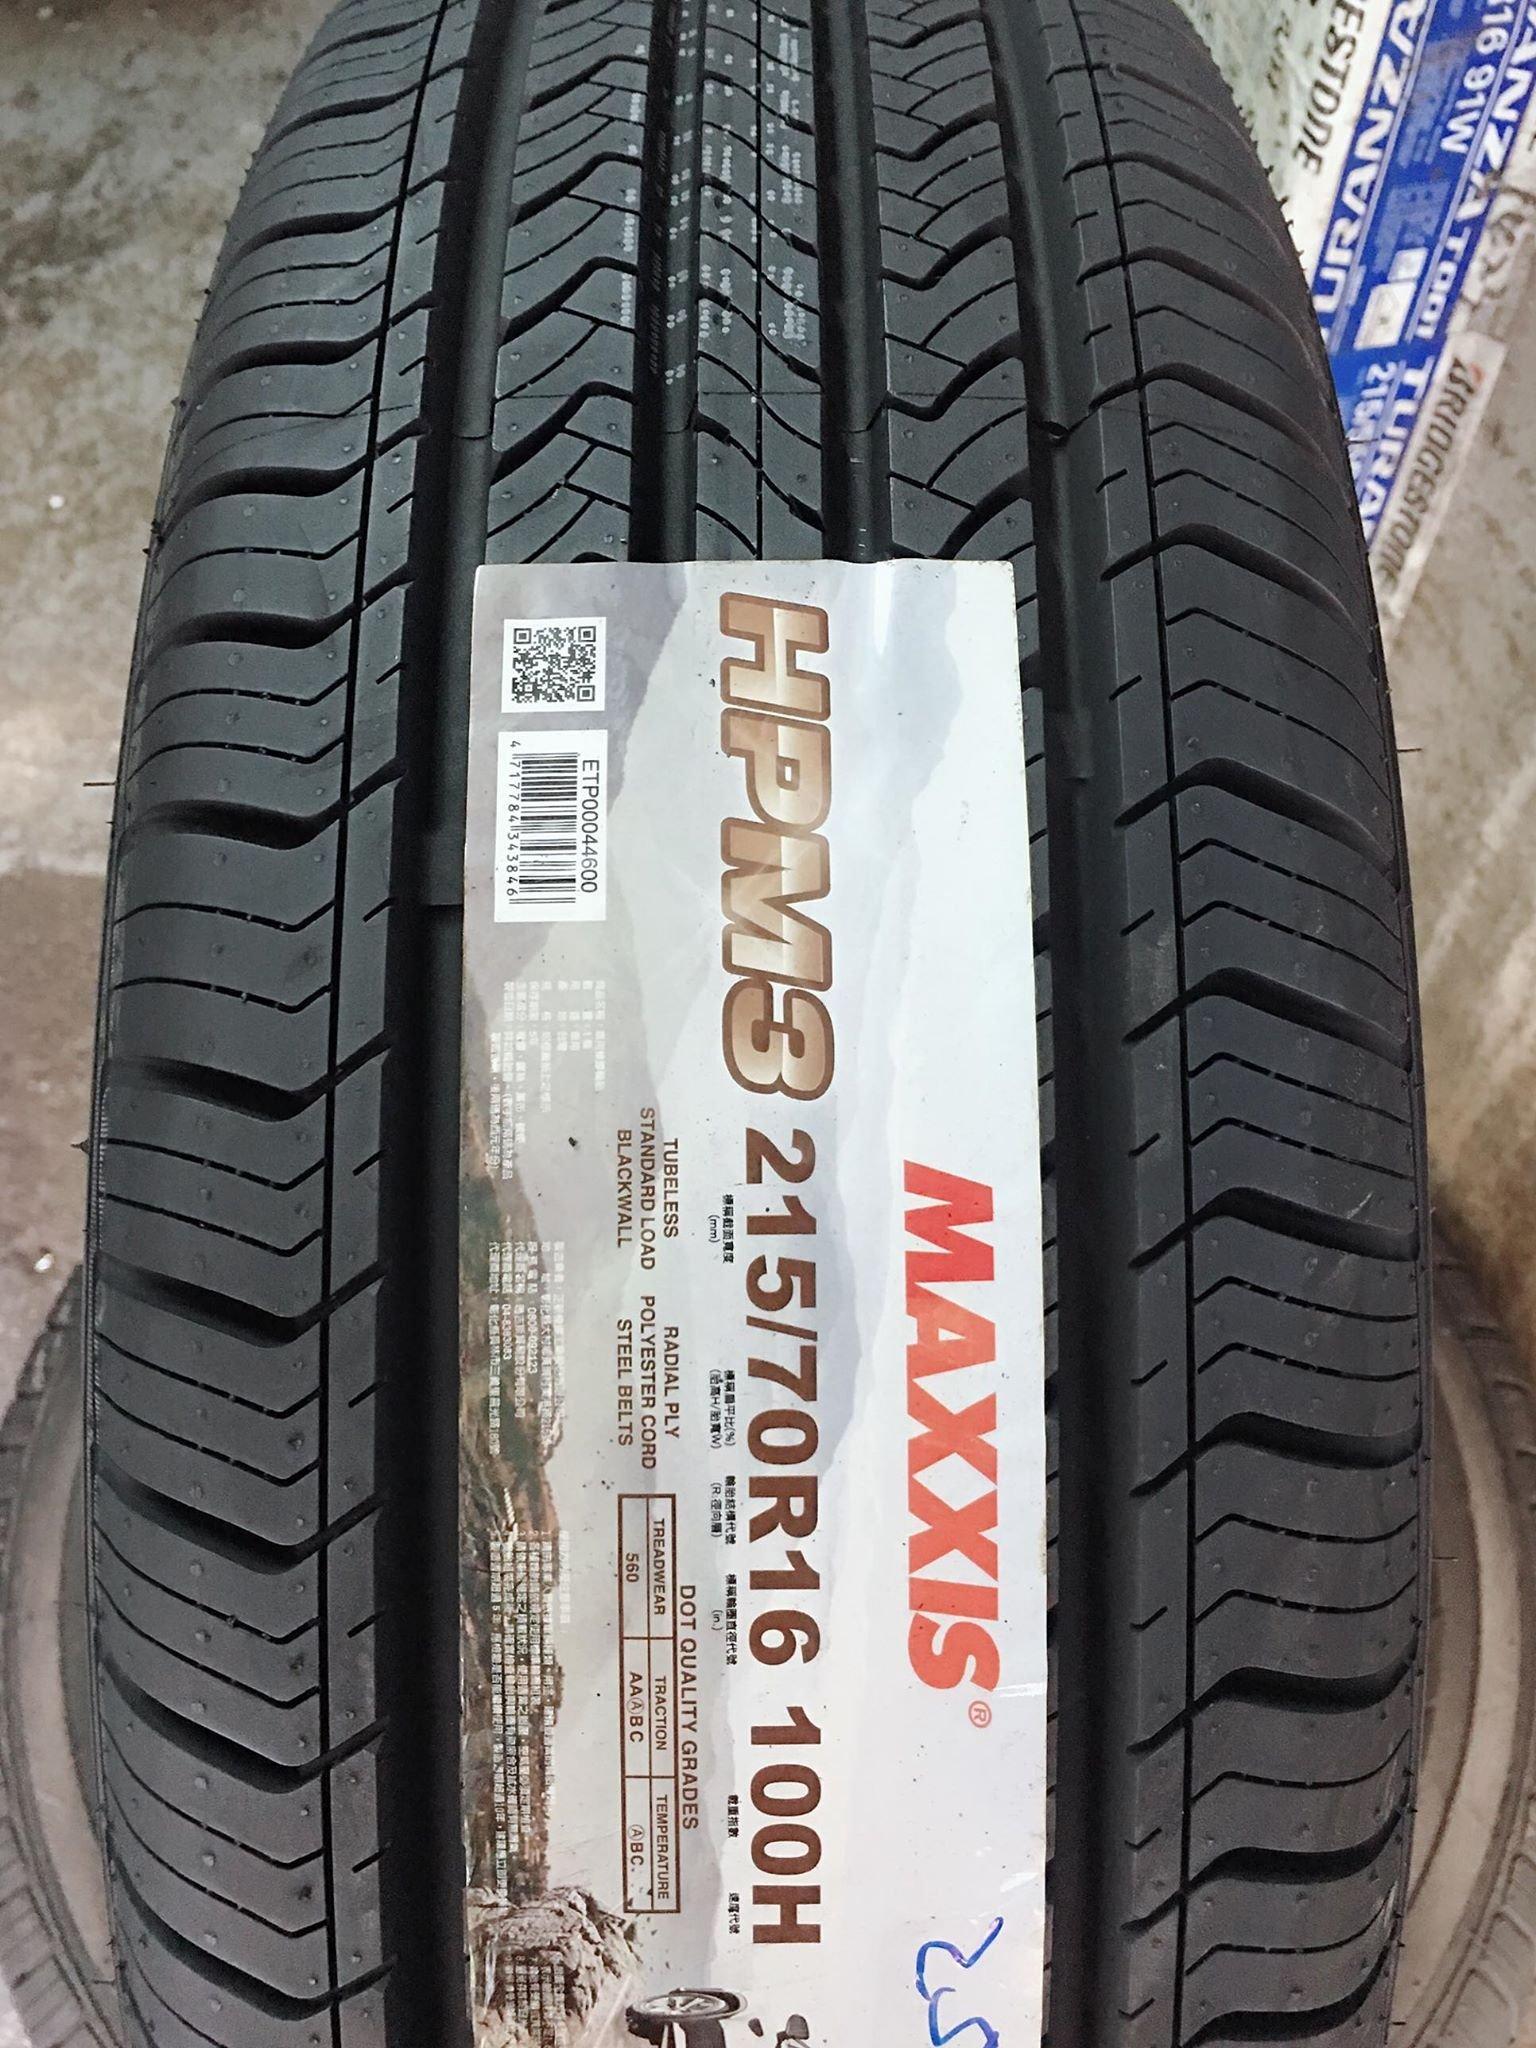 三重 近國道 ~佳林輪胎~ 瑪吉斯 HPM3 215/70/16 MAXXIS 四條合購/條 含3D定位